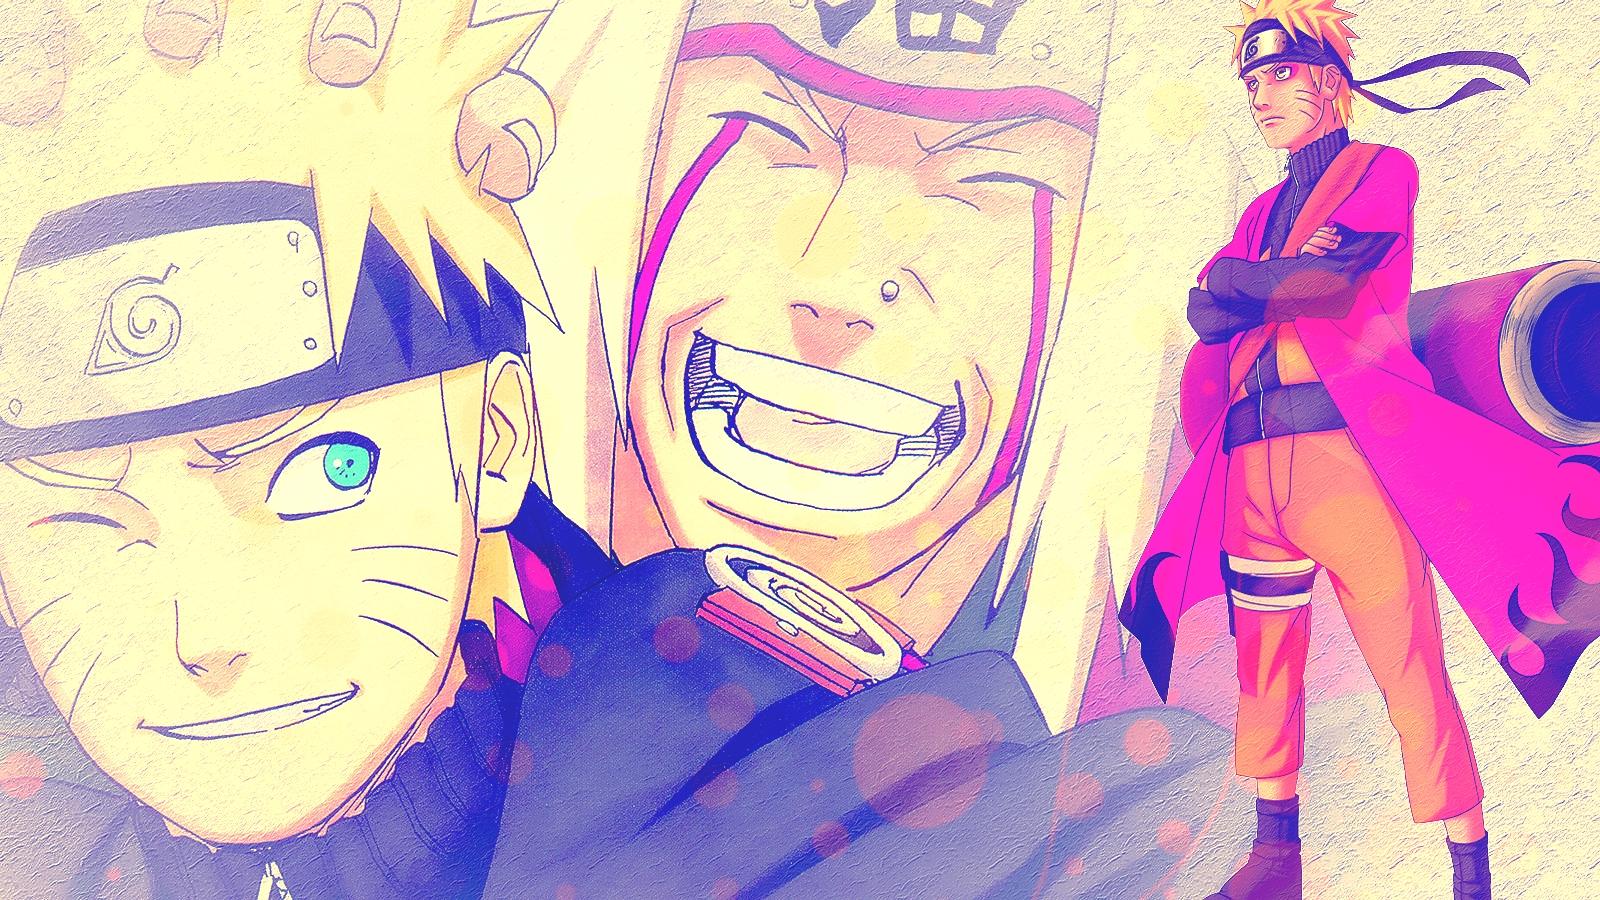 Jiraiya naruto wallpaper zerochan anime image board - Image de naruto ...